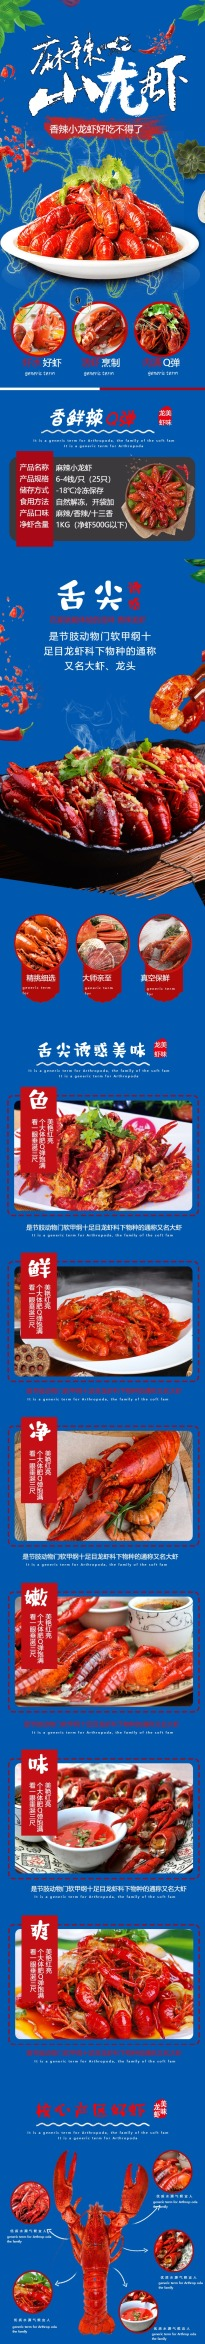 清新炫酷龙虾食品电商详情页